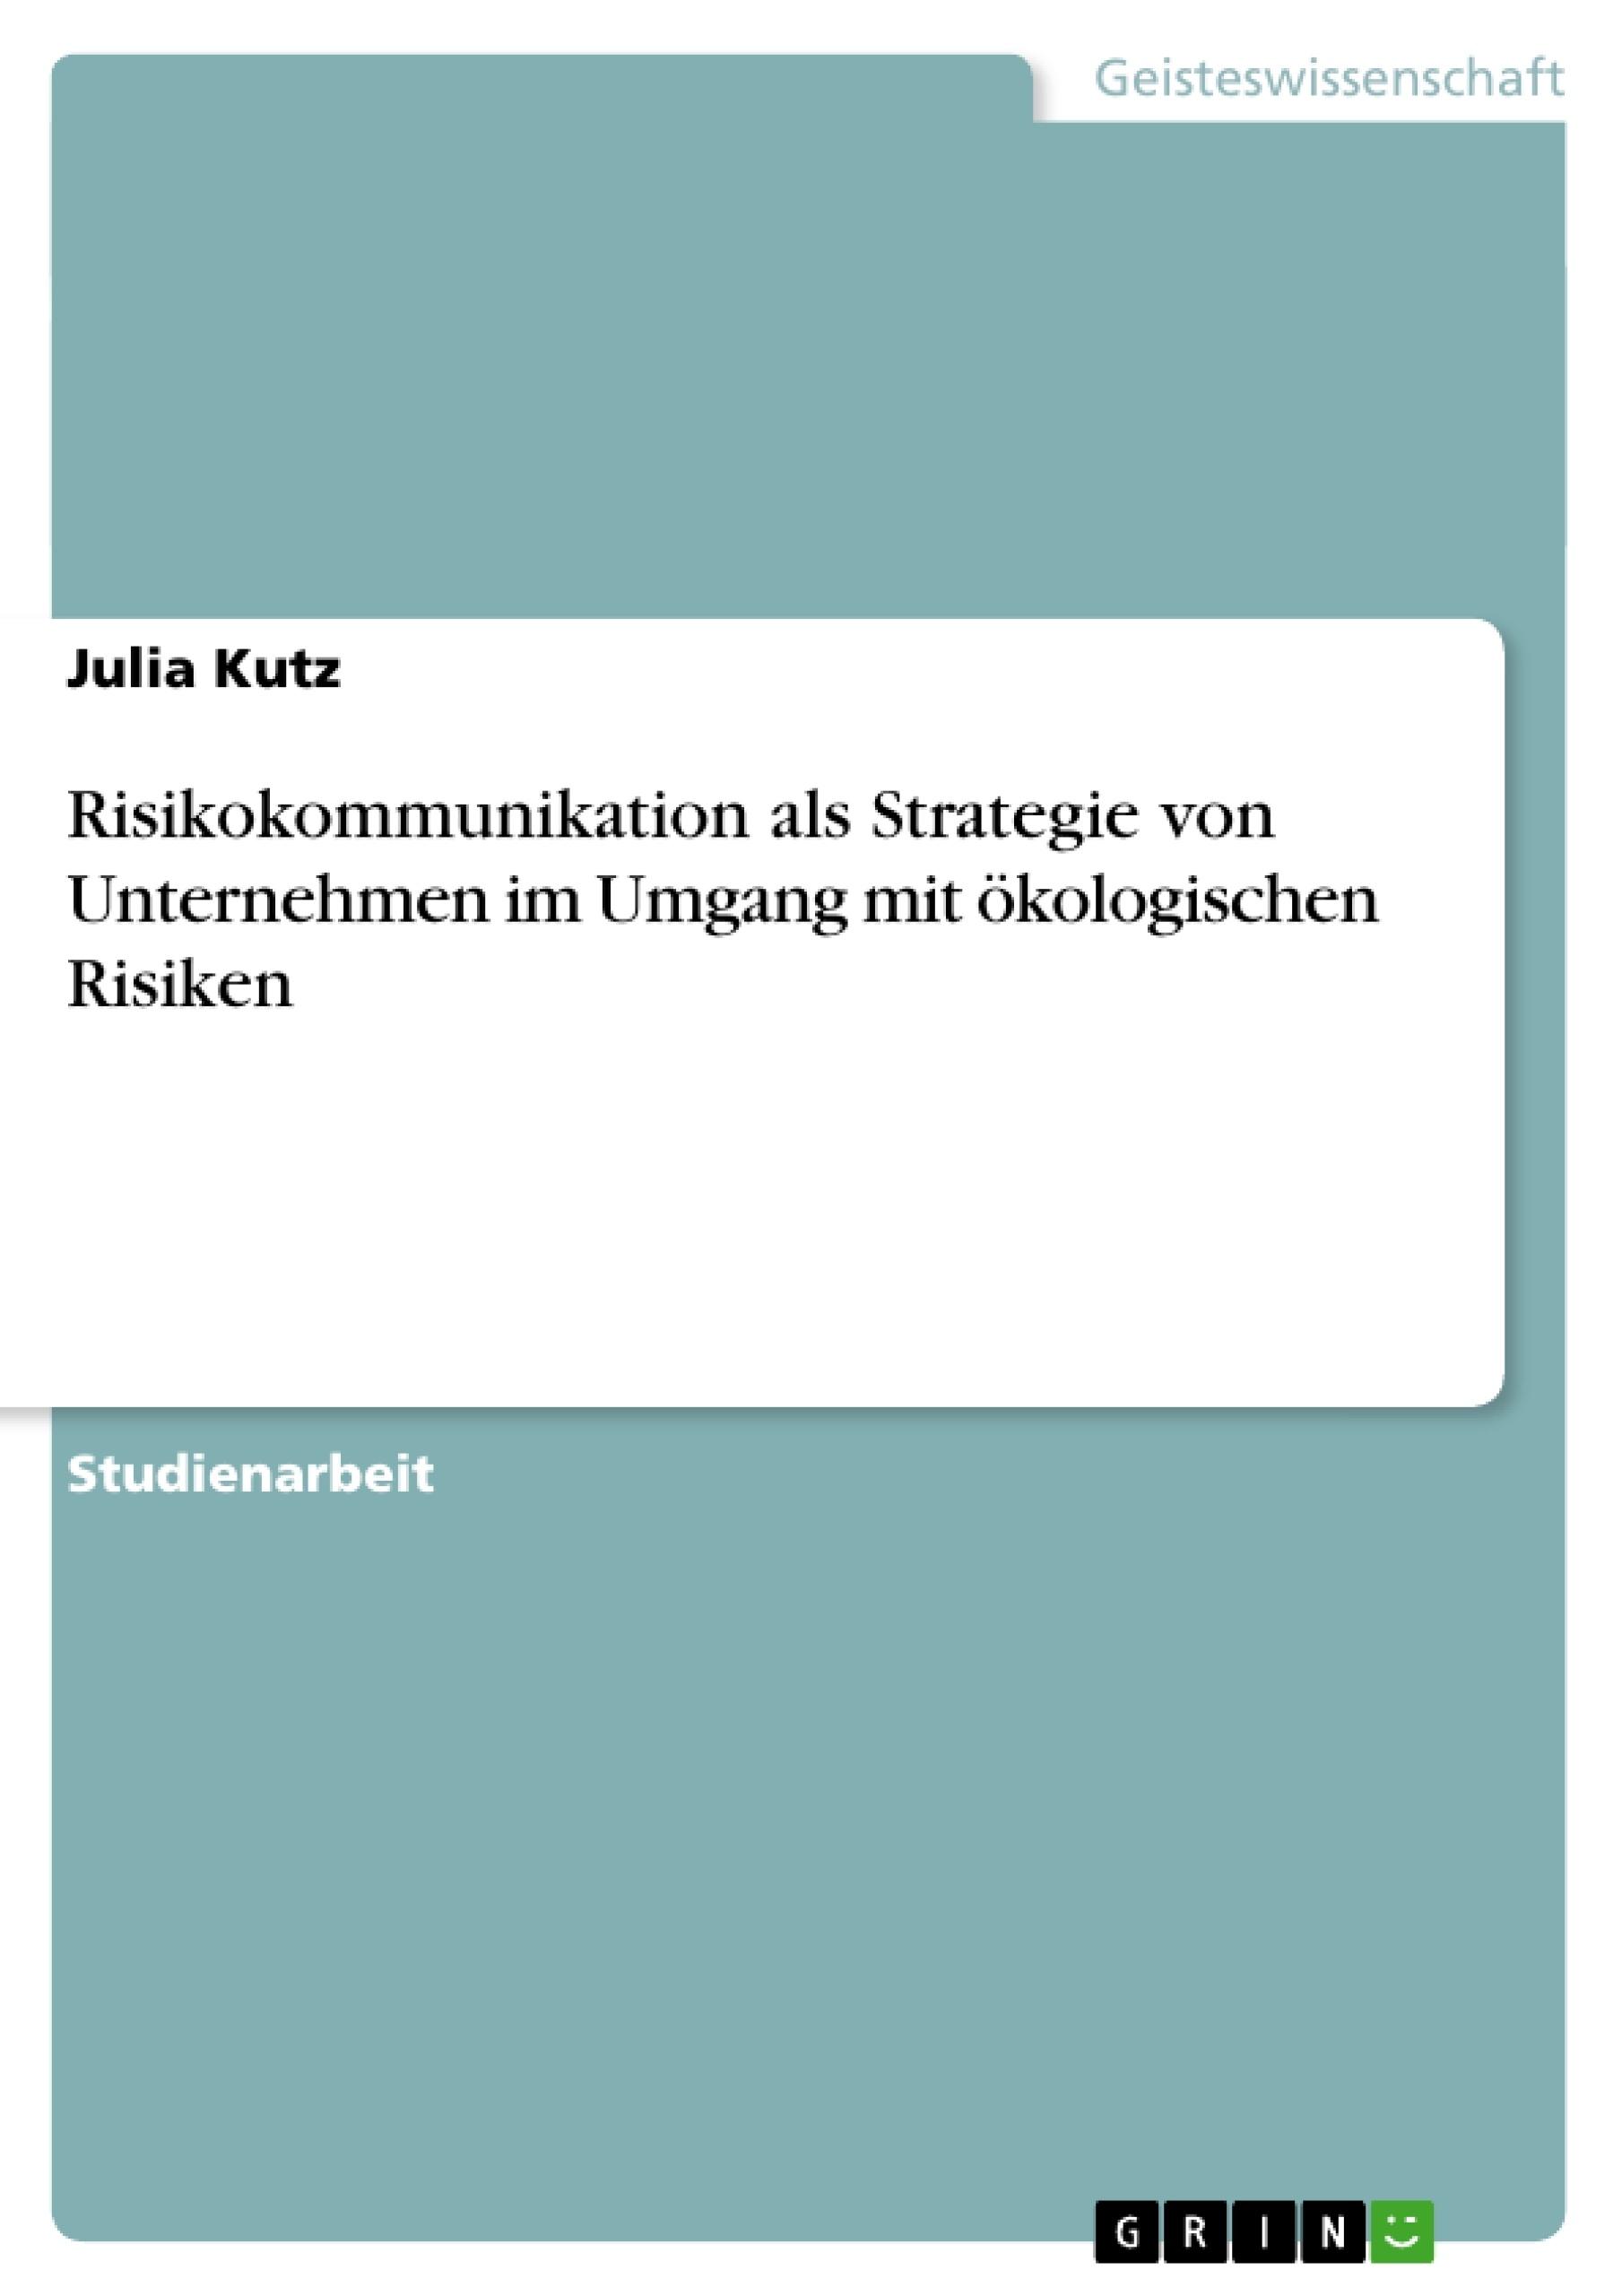 Titel: Risikokommunikation als Strategie von Unternehmen im Umgang mit ökologischen Risiken